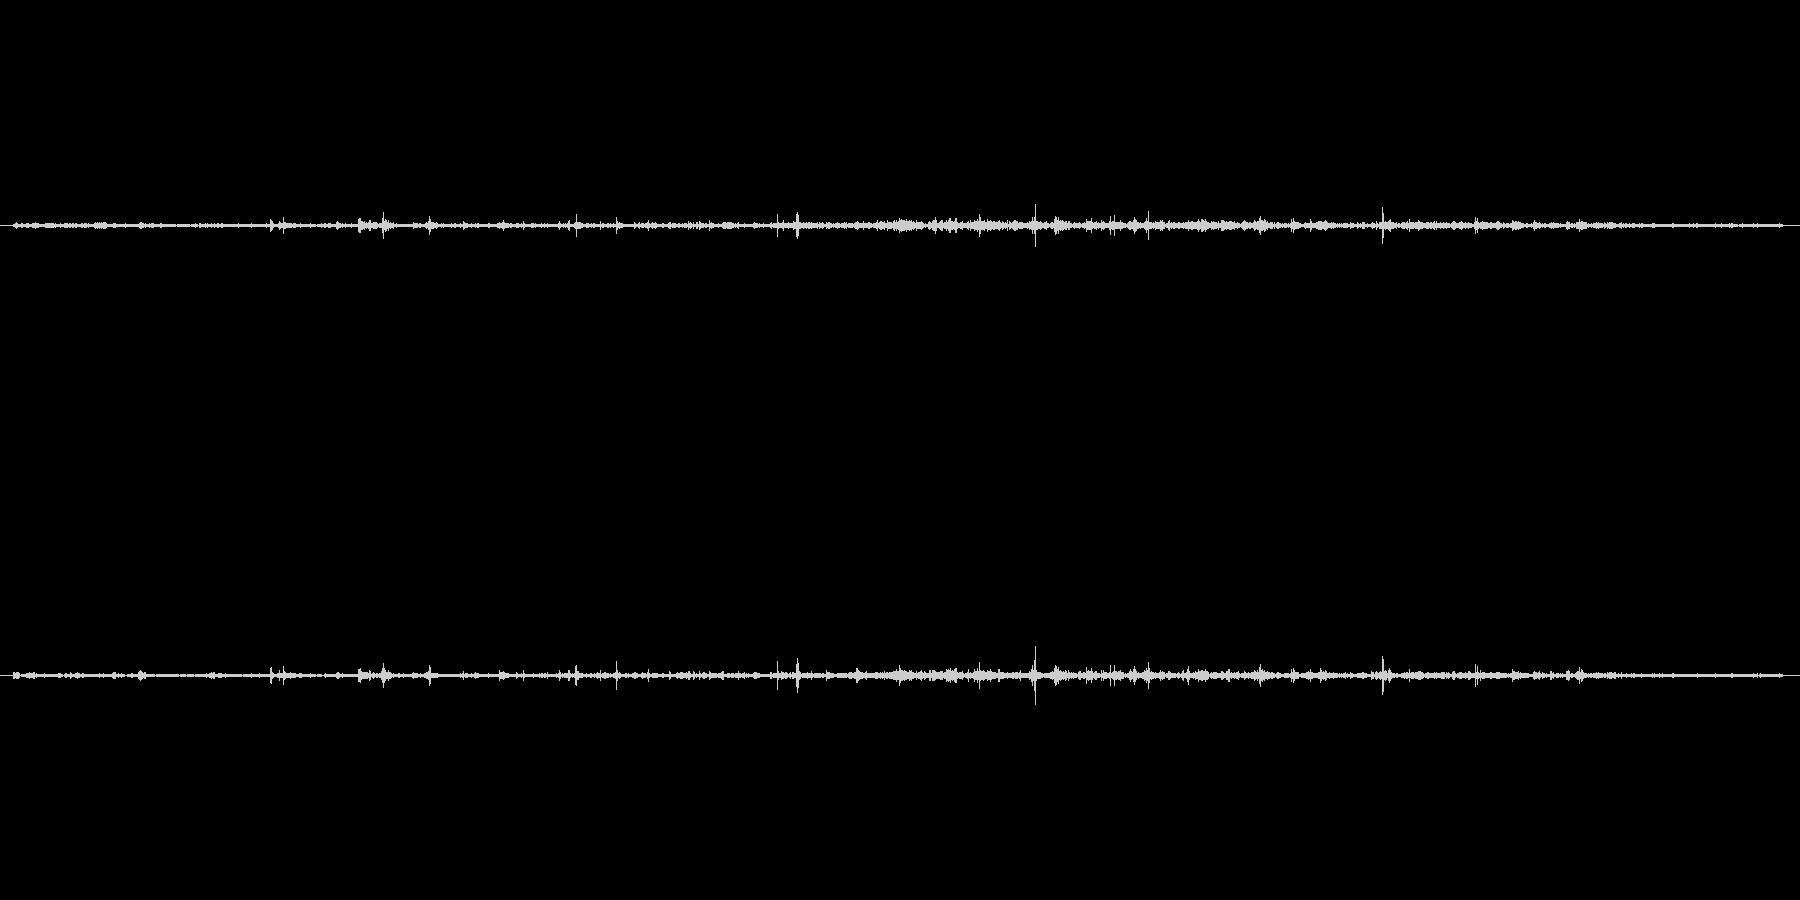 【生音】水の落ちる音(ちょろろーー) …の未再生の波形